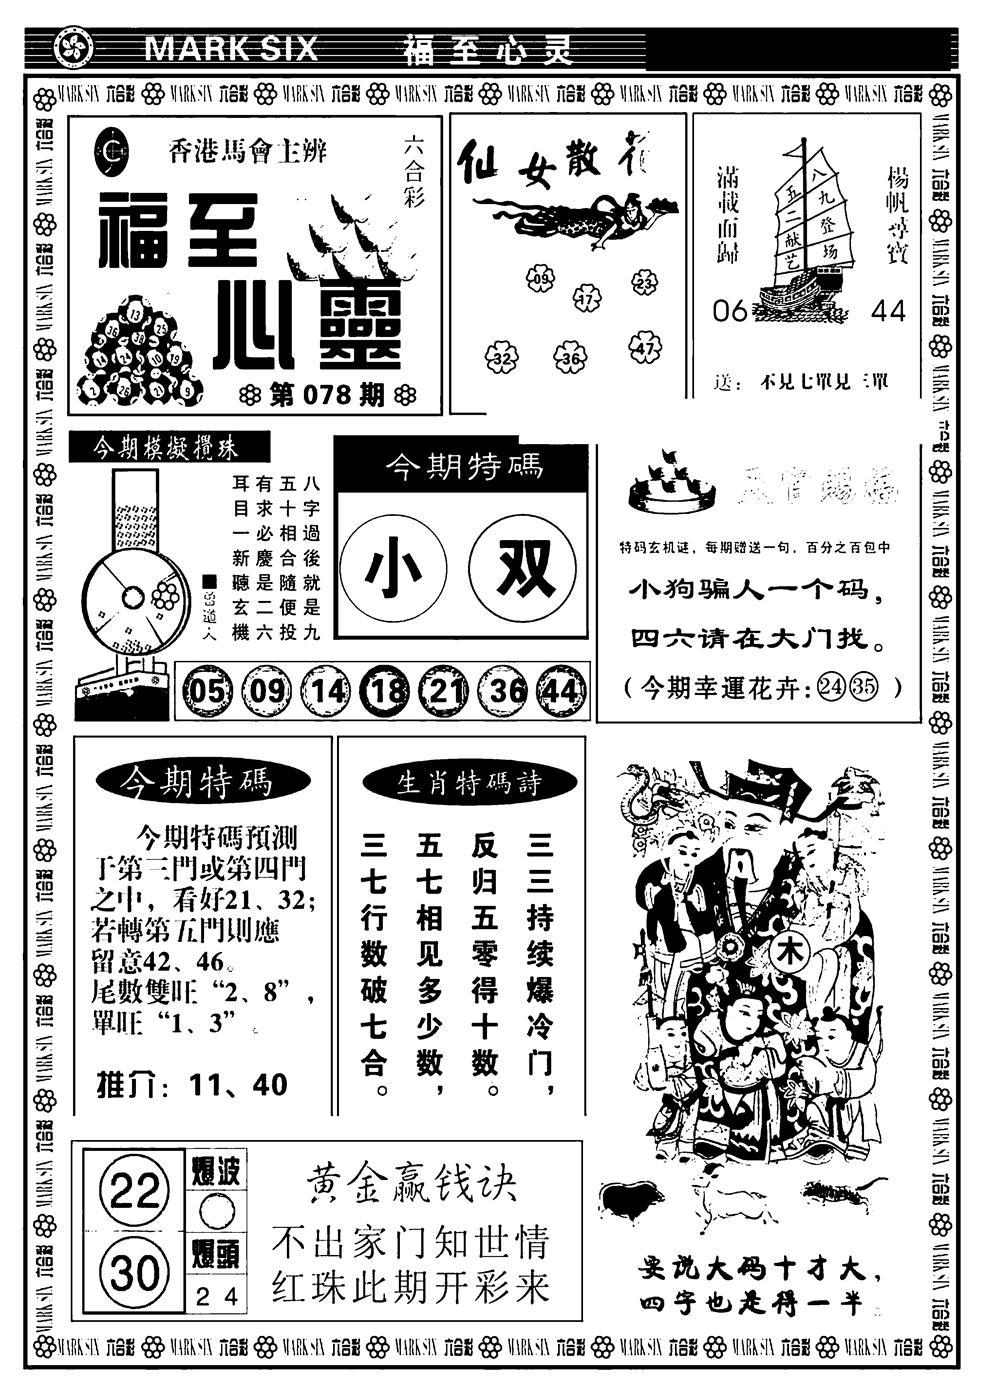 078期天津报(黑白)